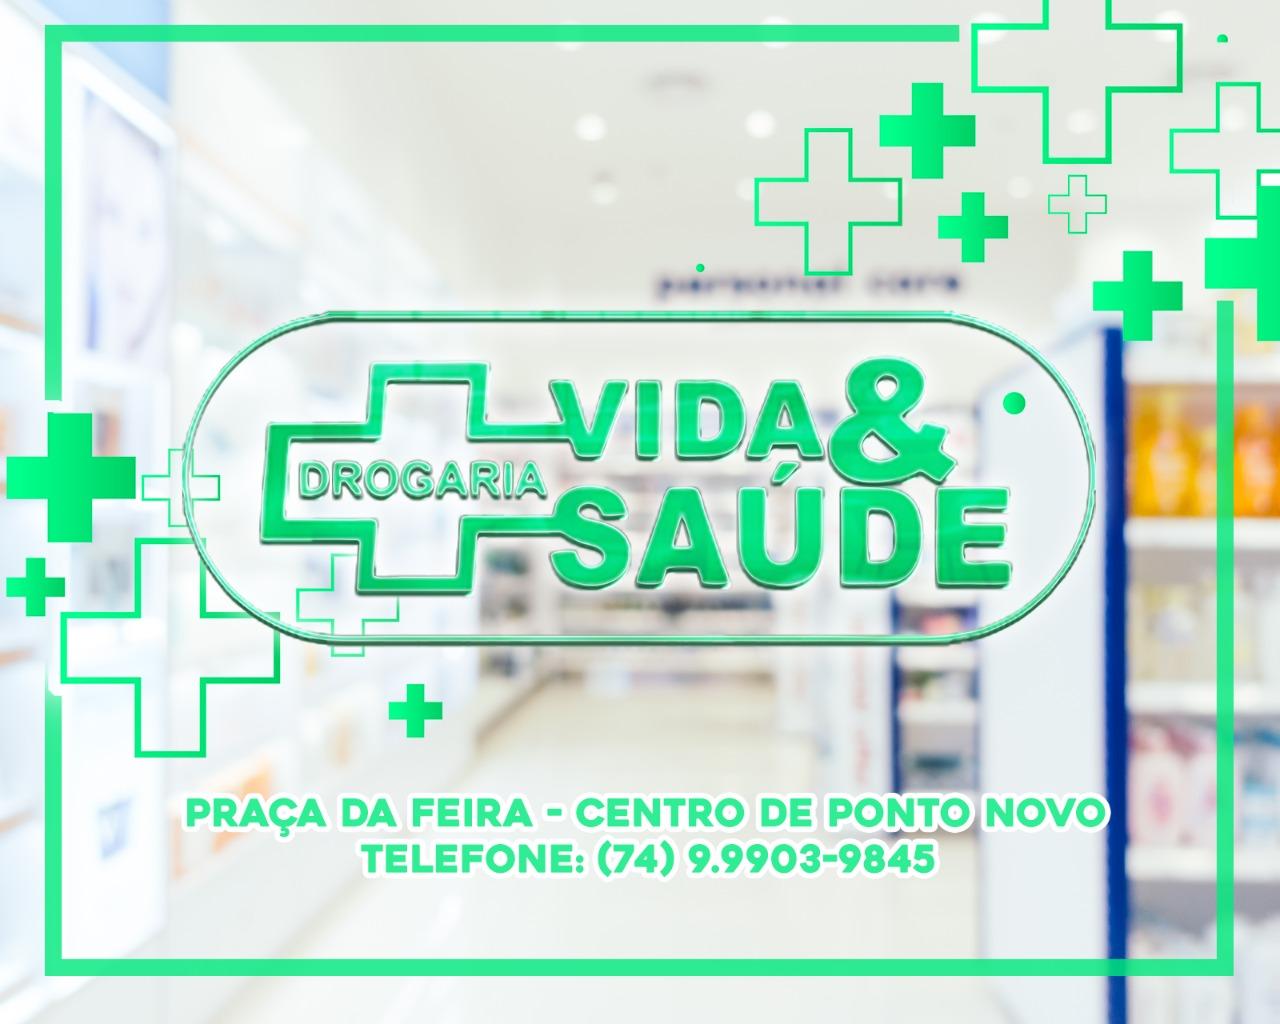 Web Interativa - O portal de notícias da Bahia